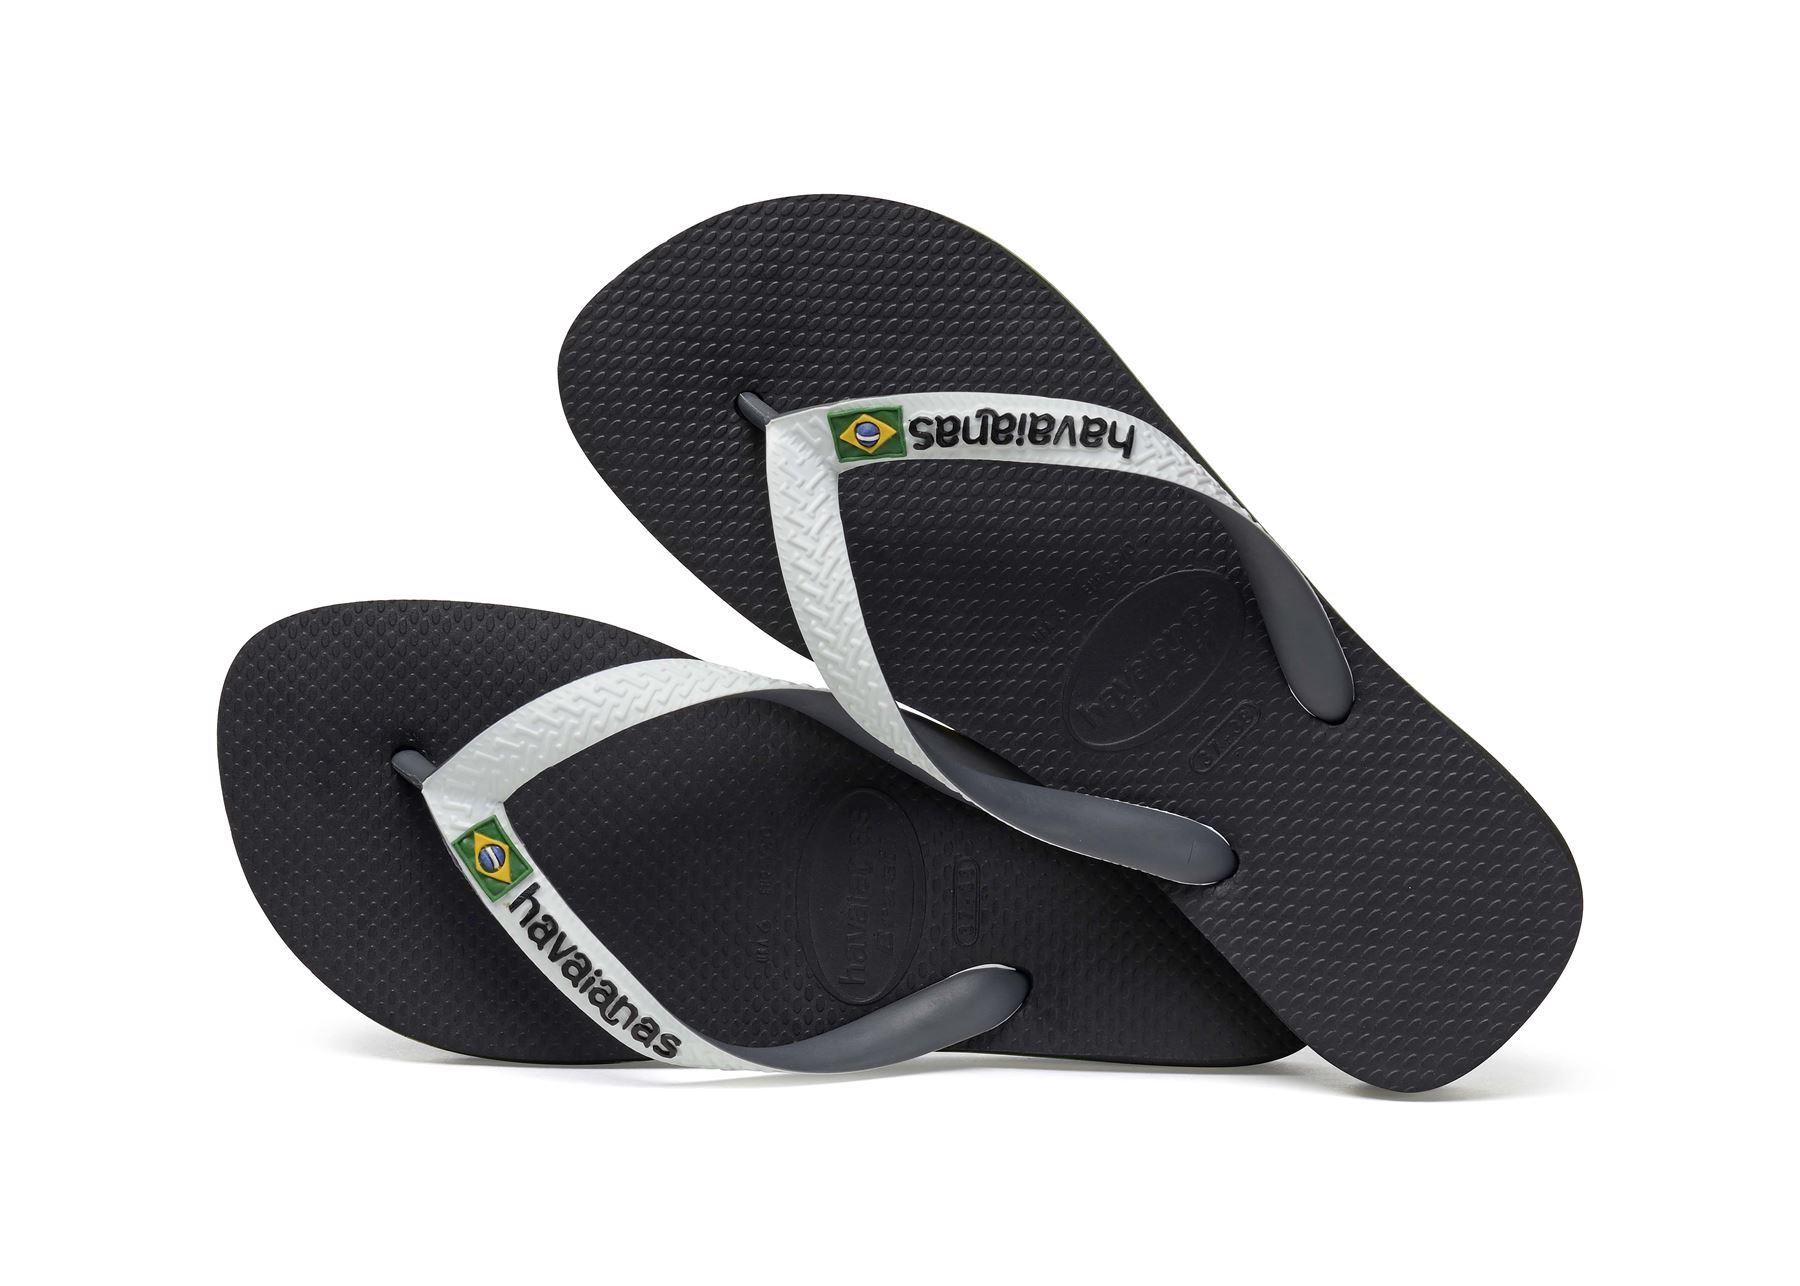 523c15a8f Havaianas Brasil Mix Flip Flops Summer Beach Thongs Sandals Wide ...